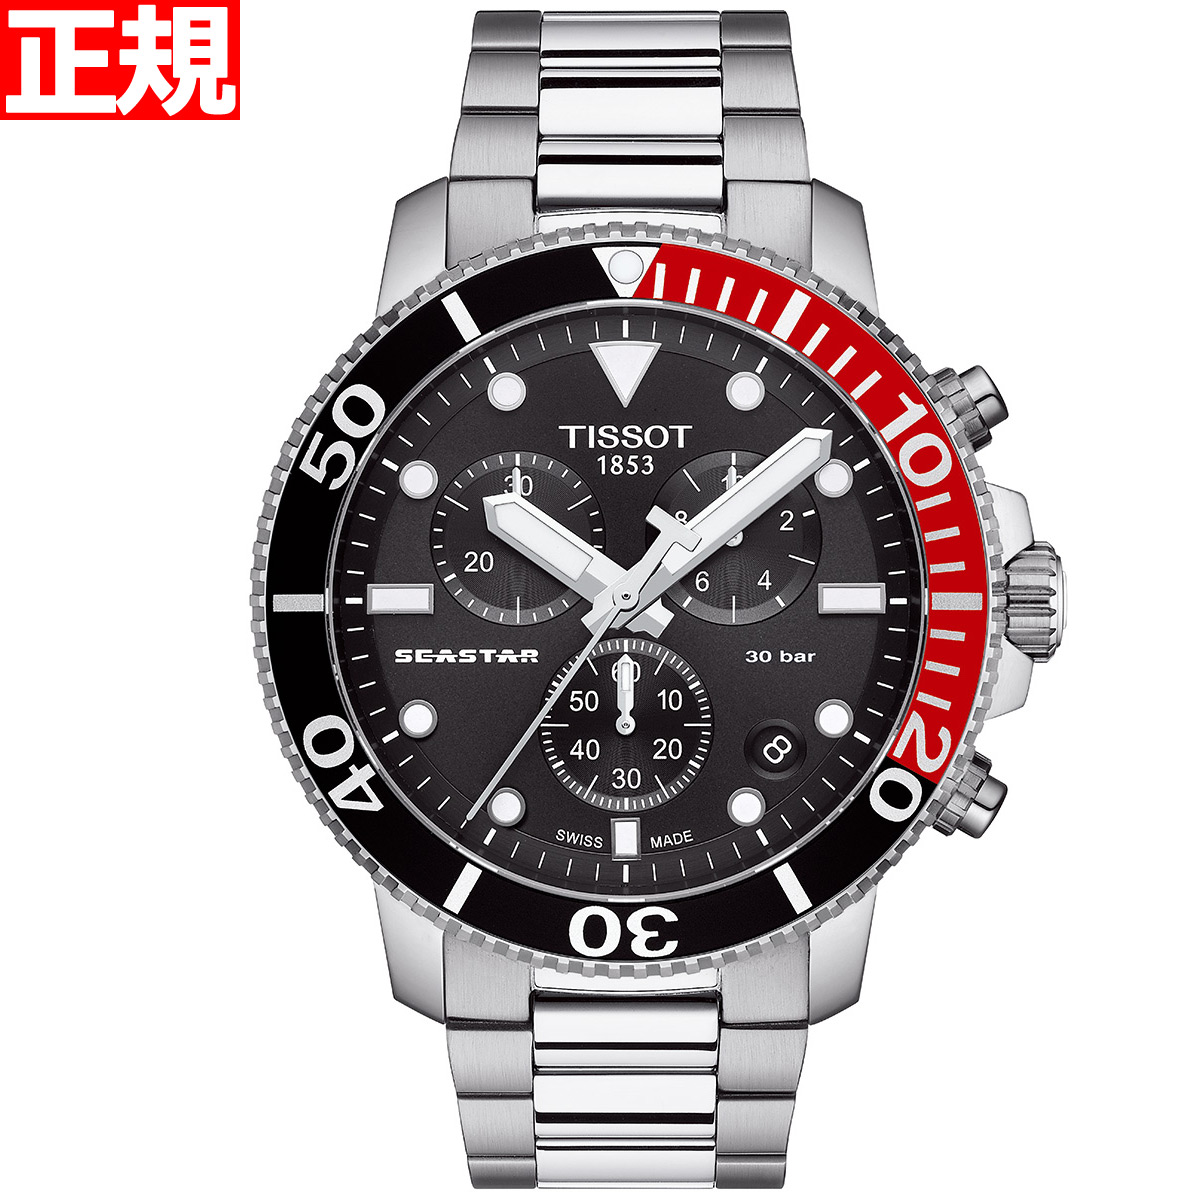 ティソ TISSOT 腕時計 メンズ シースター 1000 クロノグラフ SEASTAR 1000 CHRONOGRAPH T120.417.11.051.01【2021 新作】